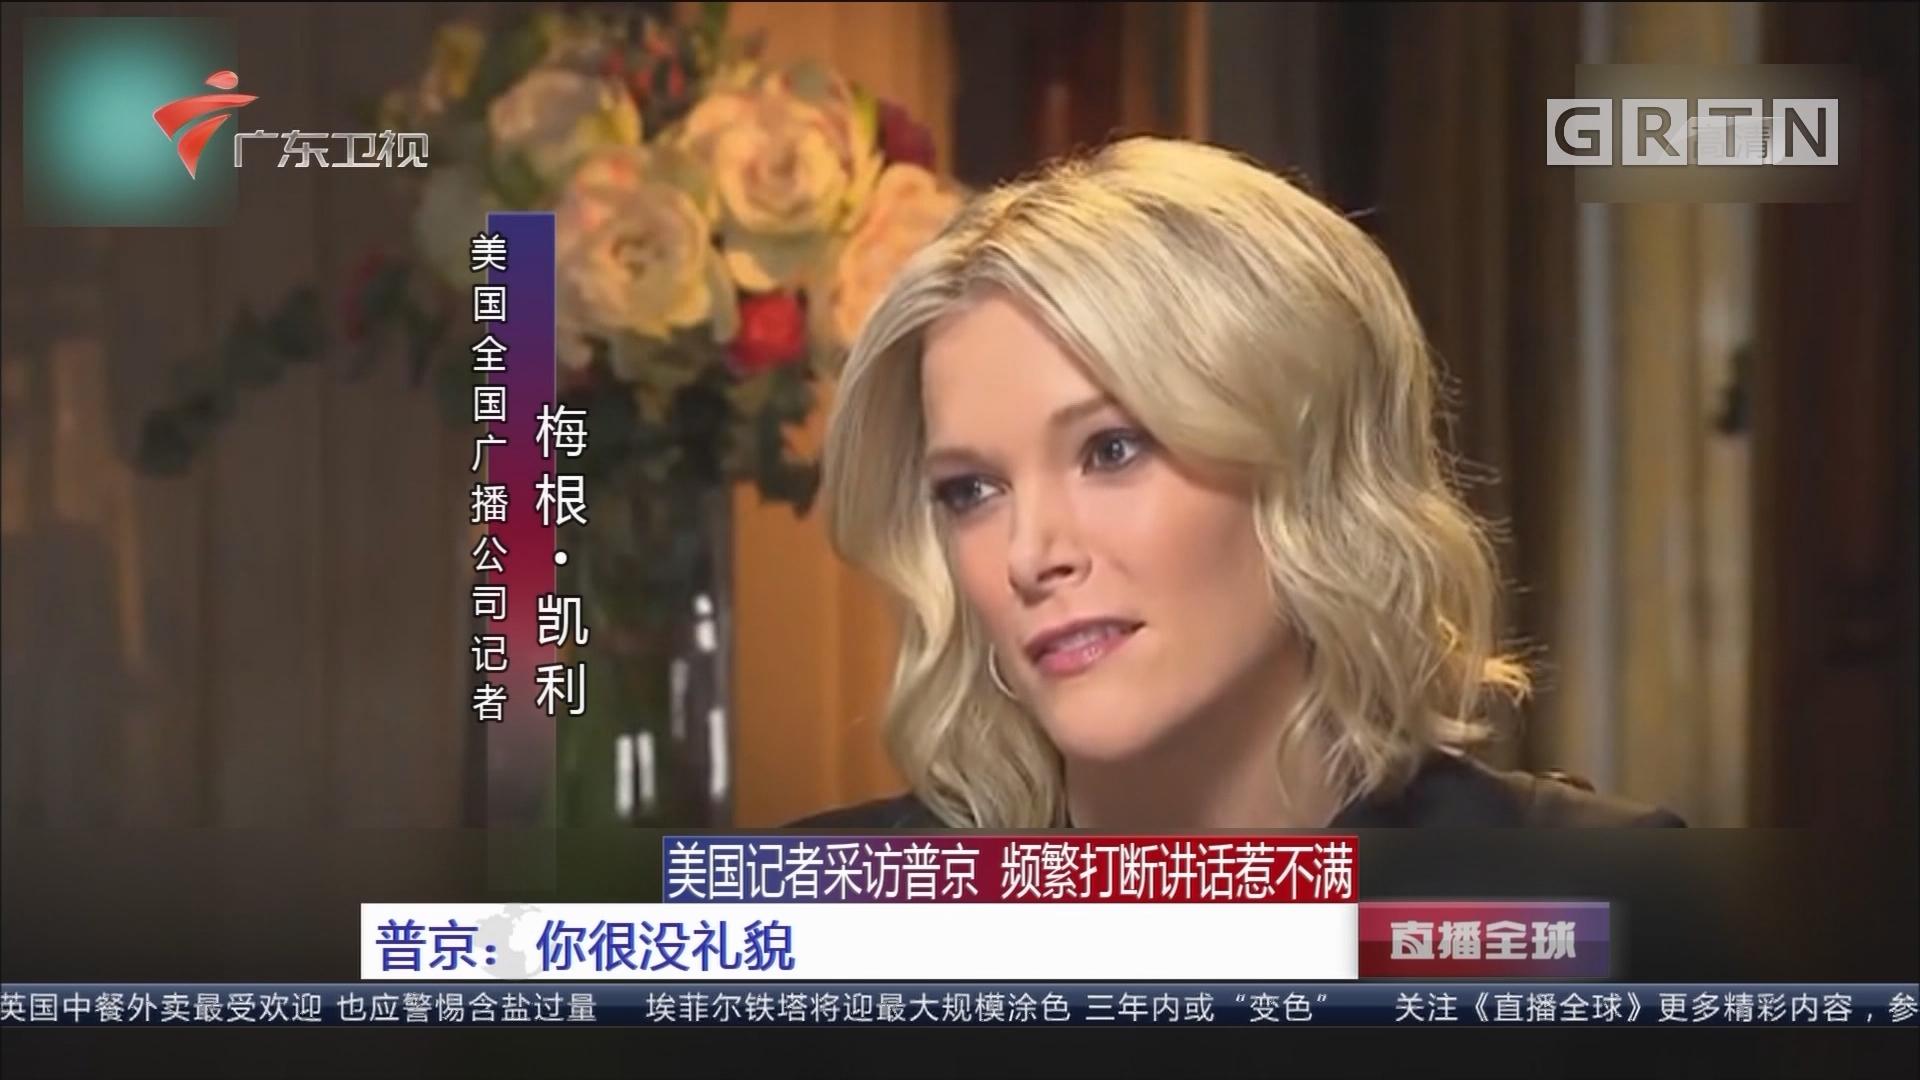 美国记者采访普京 频繁打断讲话惹不满 普京:你很没礼貌